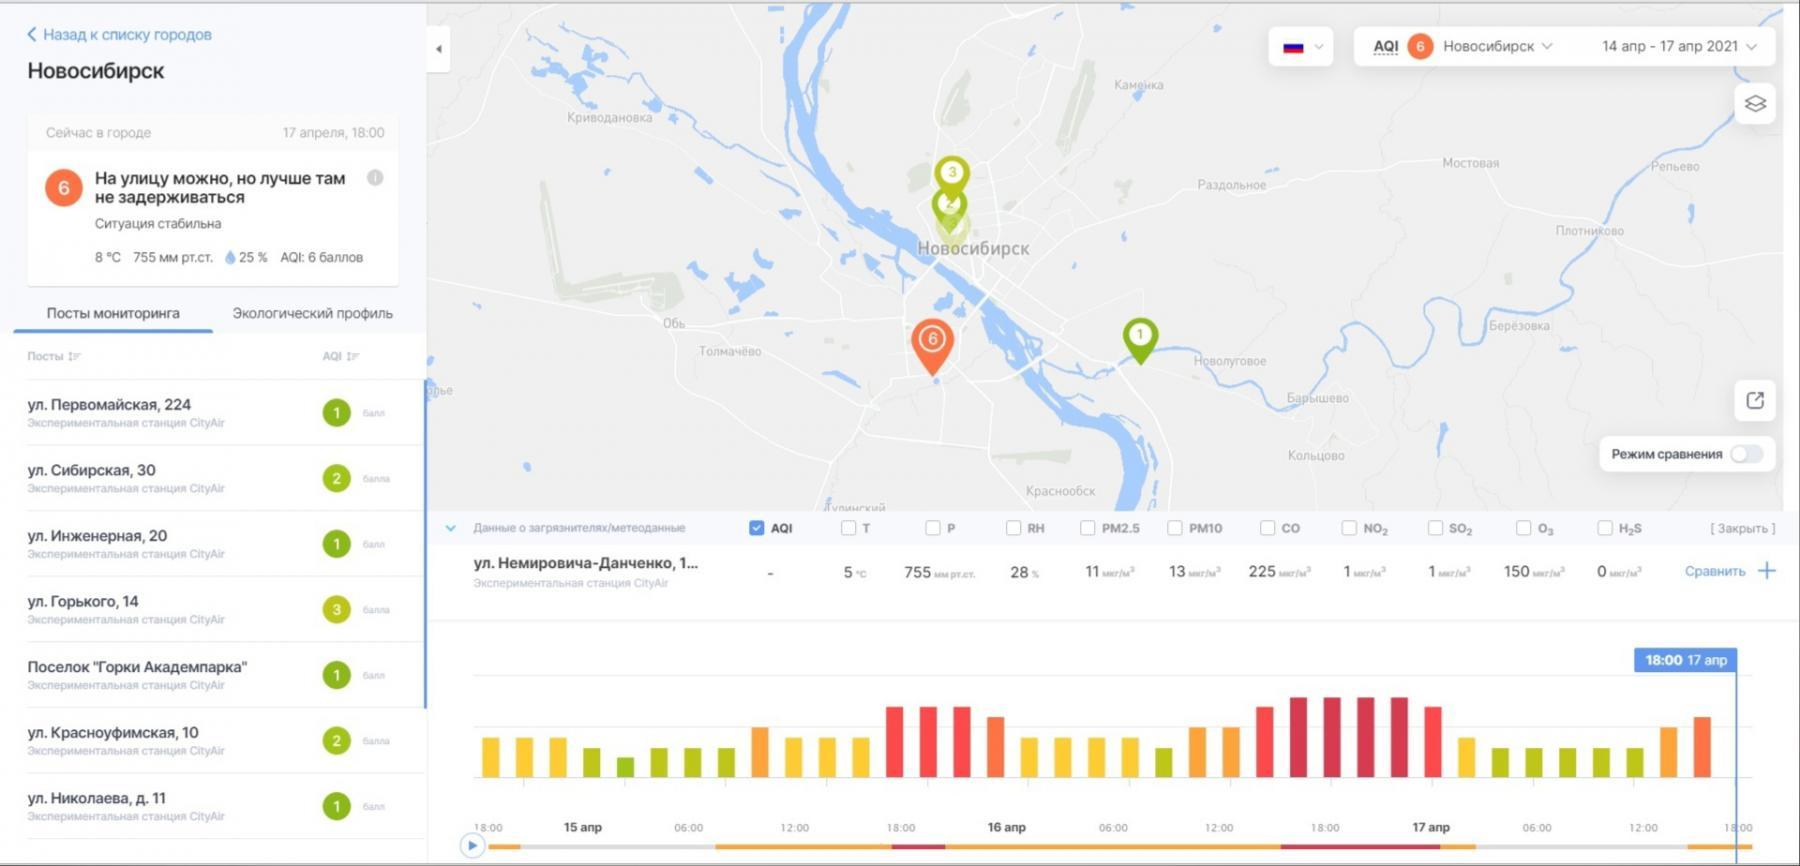 Фото В Новосибирске вновь ухудшилось качество воздуха 17 апреля 2